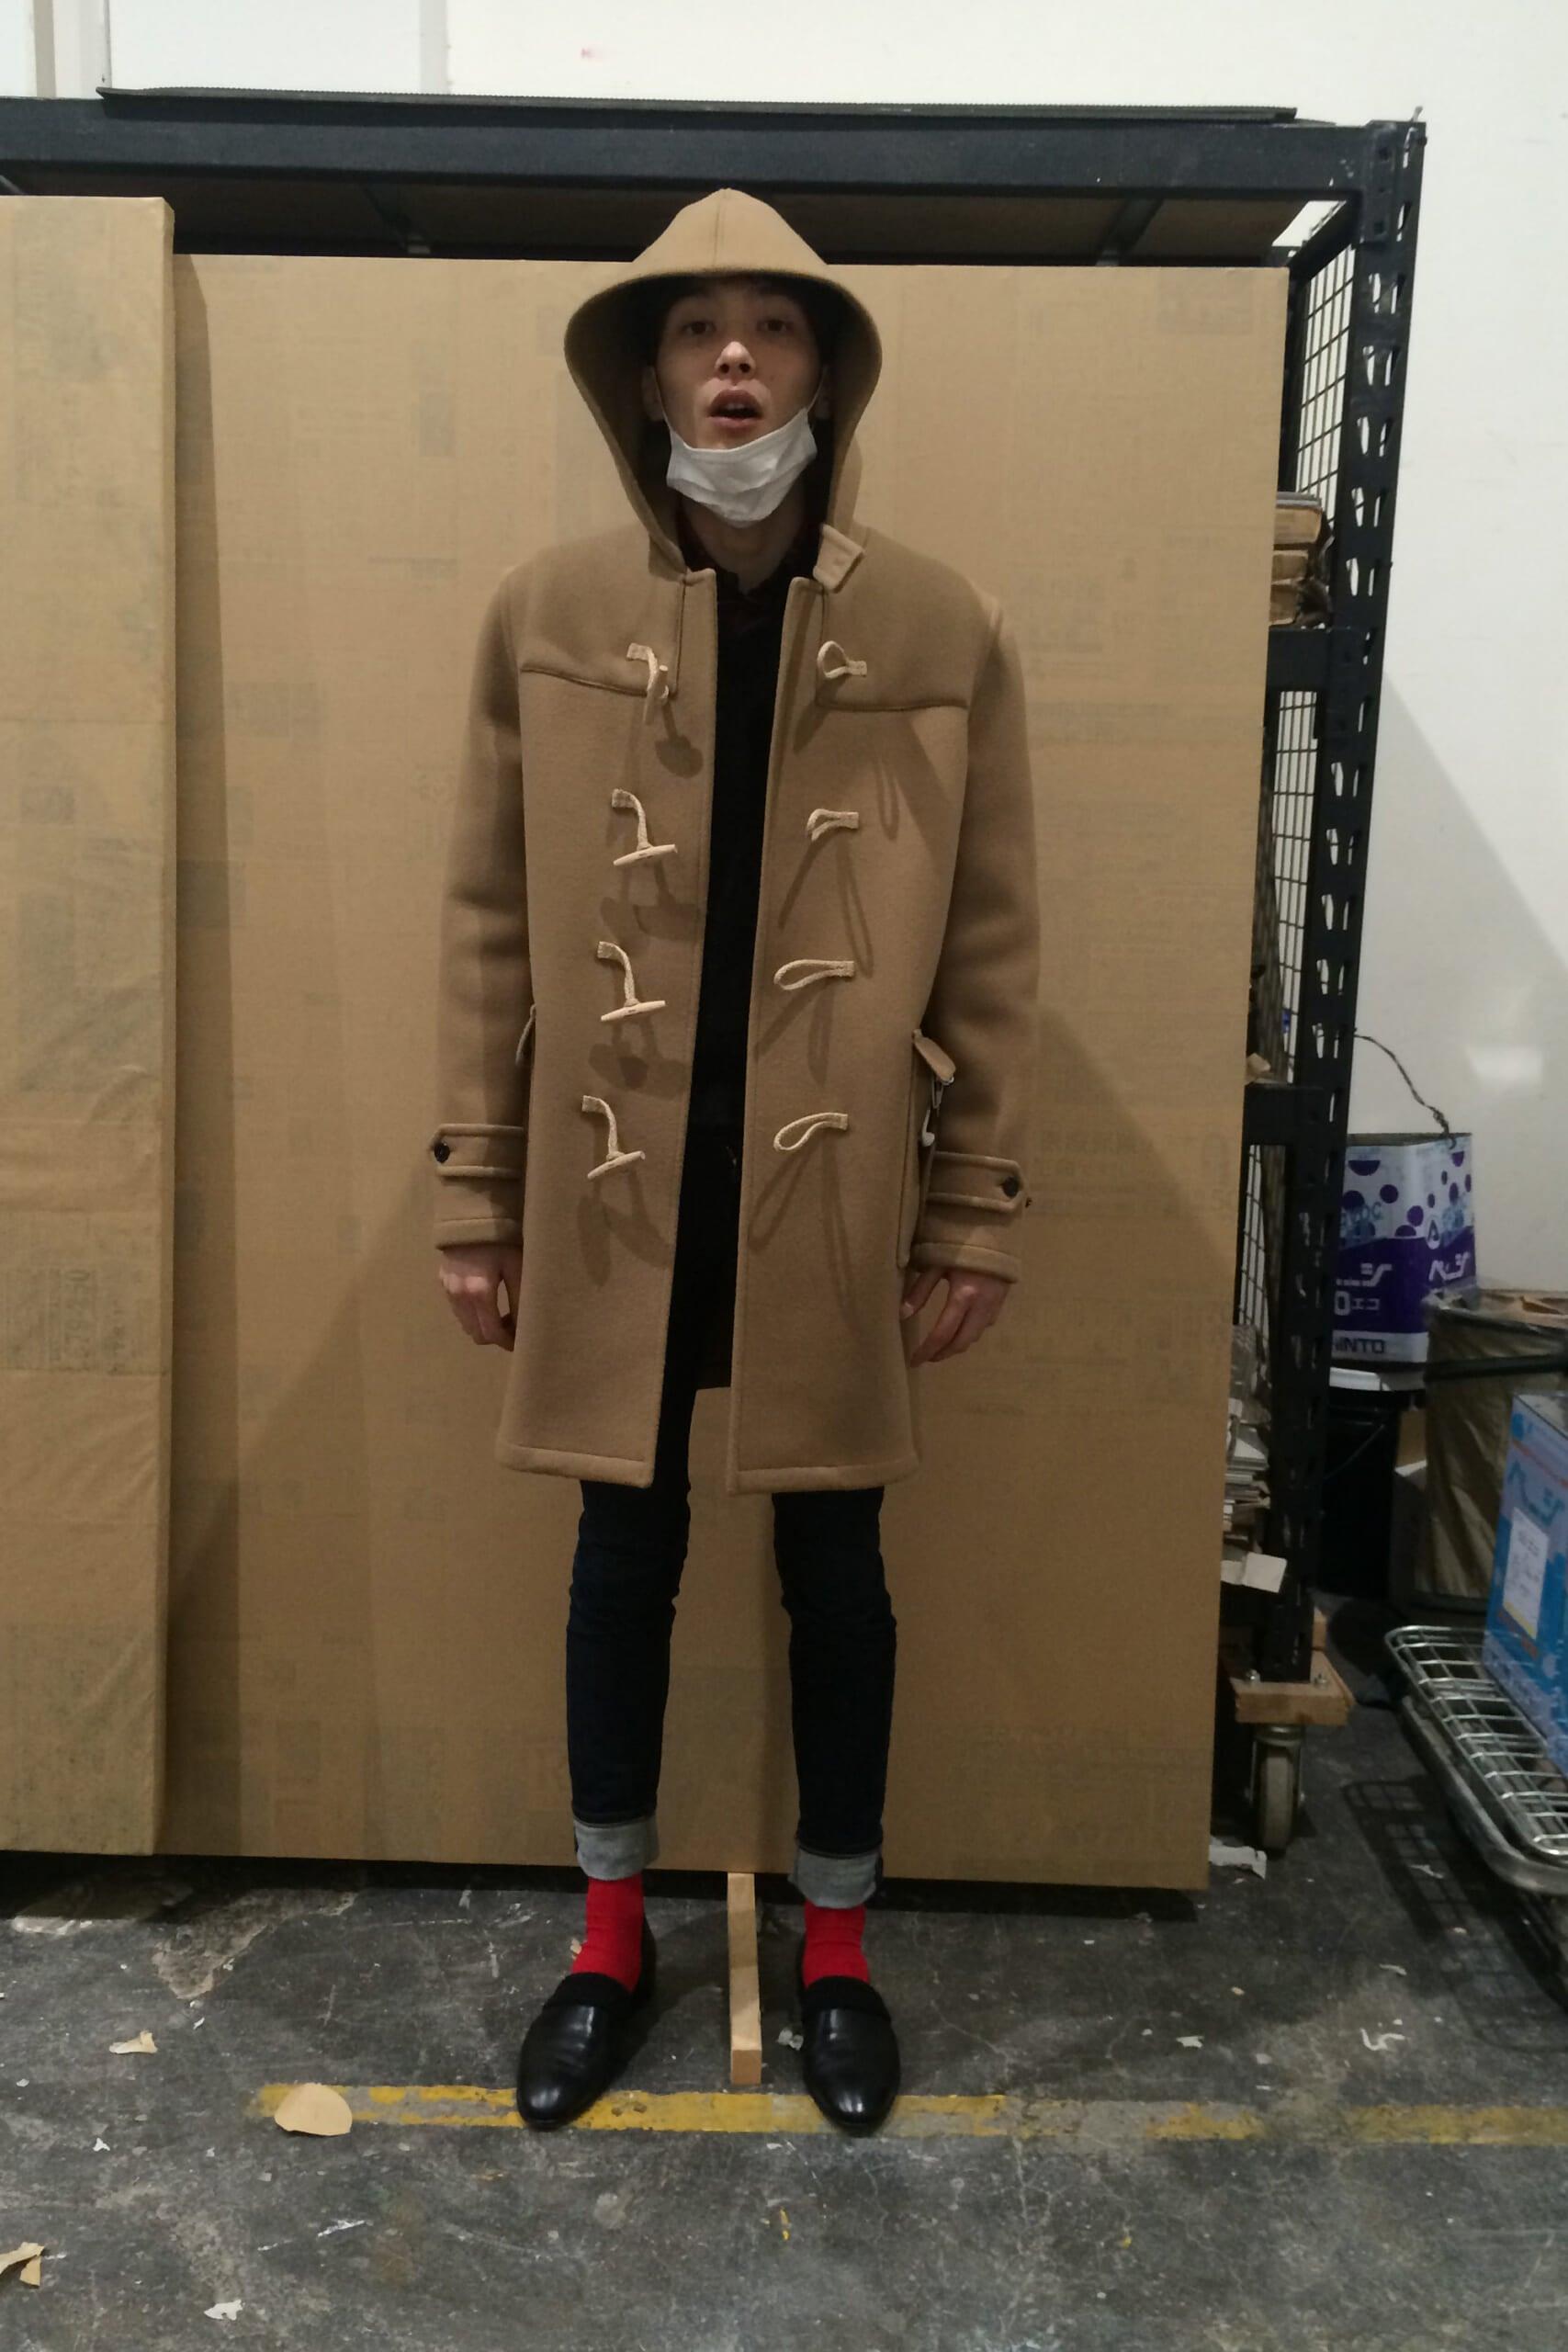 中田(圭祐)くんが、僕の「サンローラン」好きに対抗して「イヴ・サンローラン」の古着を購入したっぽいですね。嬉しいんですけど、今とデザイナーも違いますし勝負になっているのか正直よくわかりません(笑)。とりあえず、花粉で喉が破壊されました…。(´Д` )